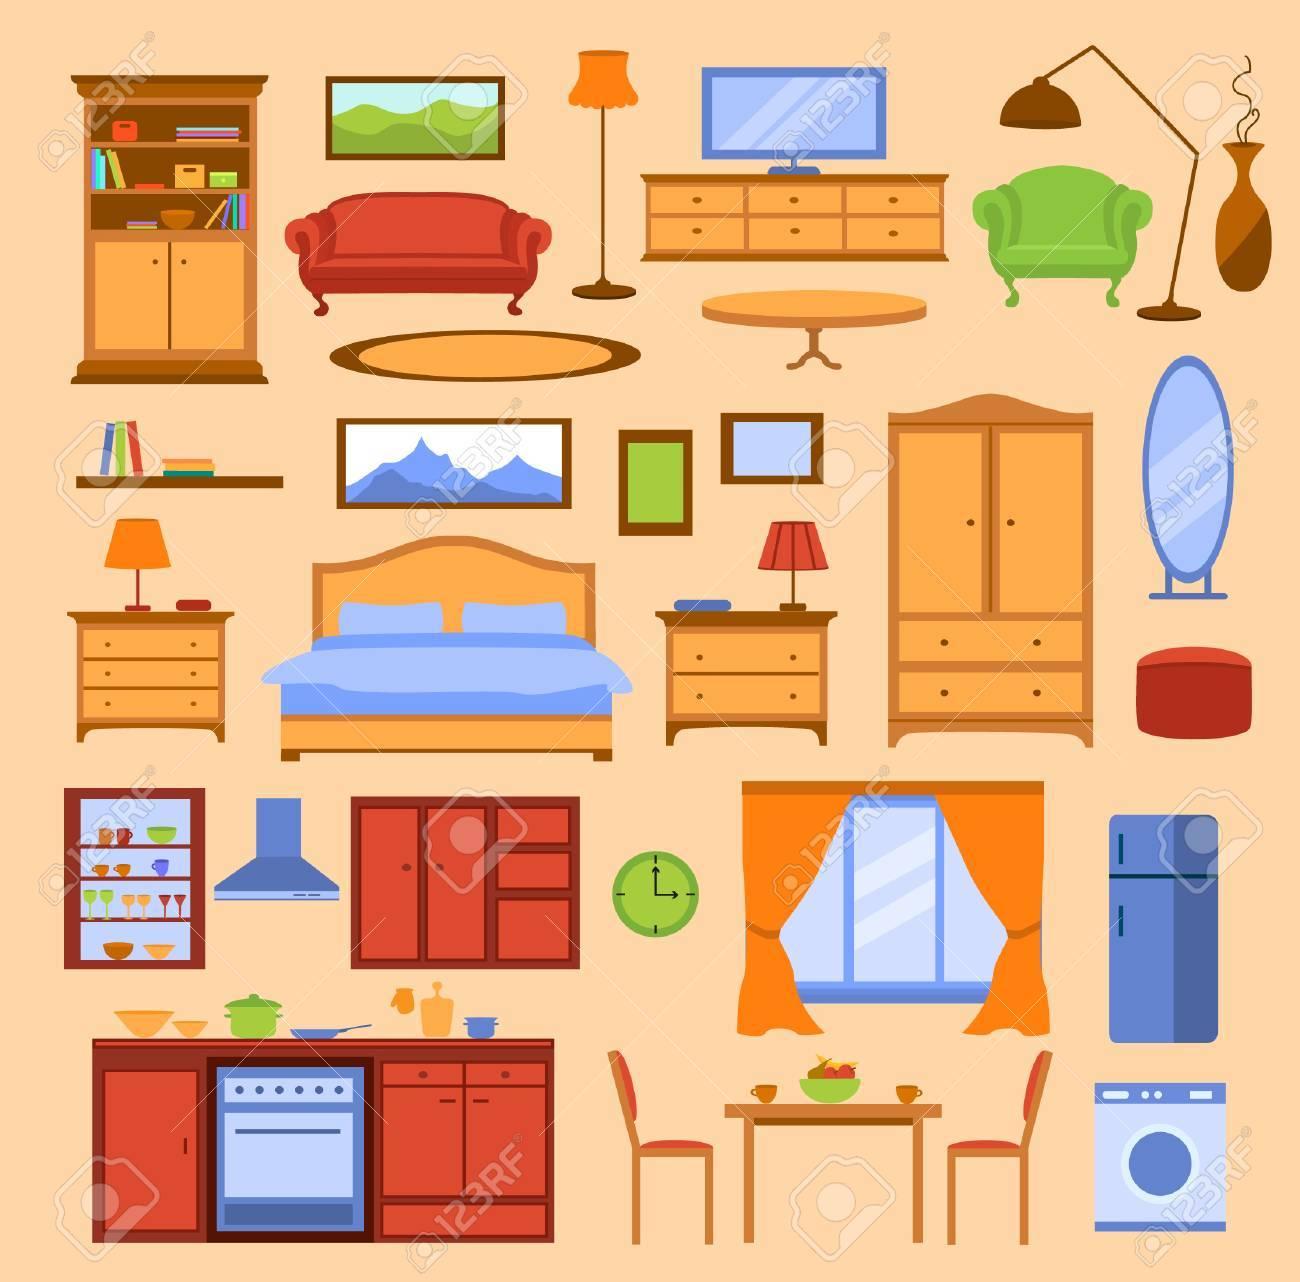 Bunte Möbel Einstellungen Vor. Hofmobiliendepot In Farbe. Küche,  Wohnzimmer, Schlafzimmer Möbel